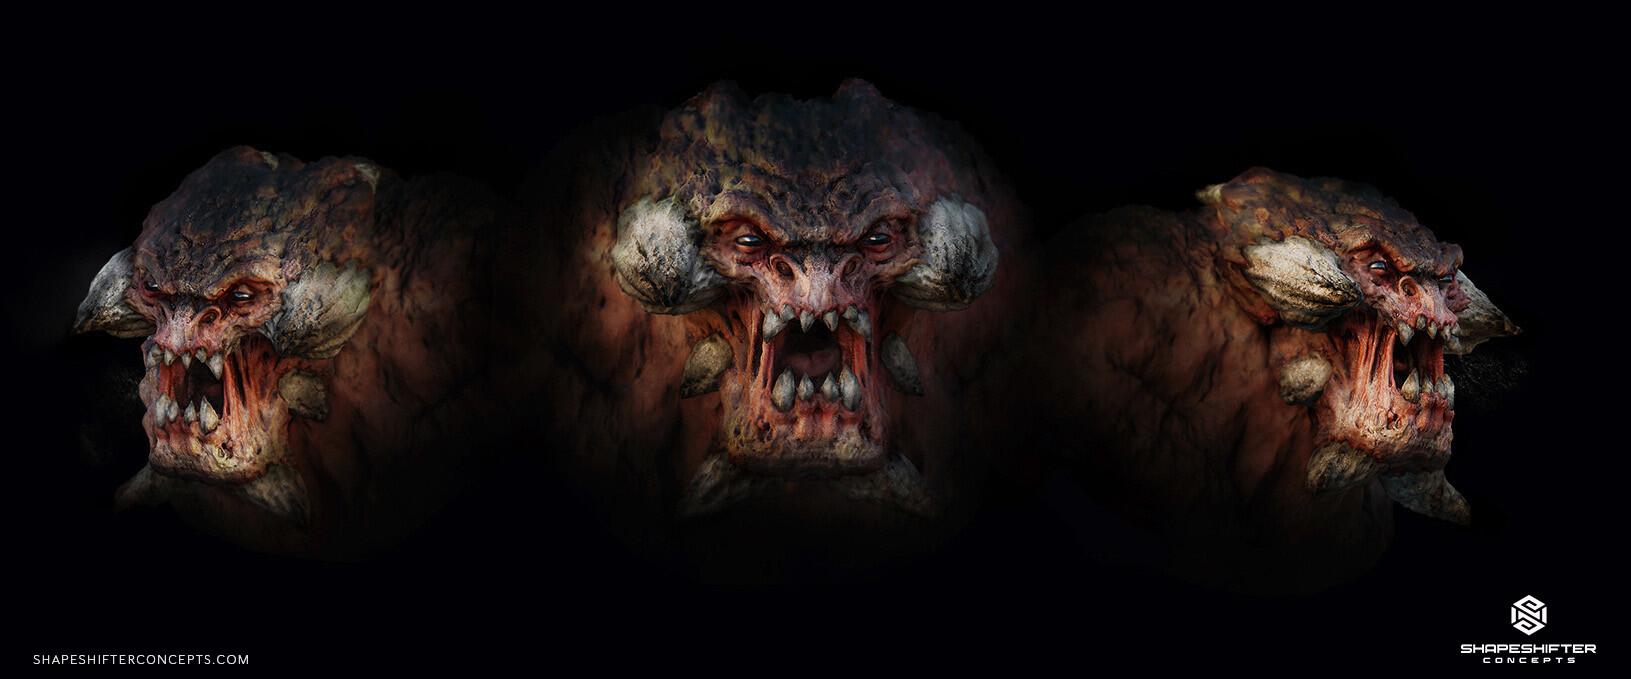 Shapeshifter concepts 200125 creature berserker 01